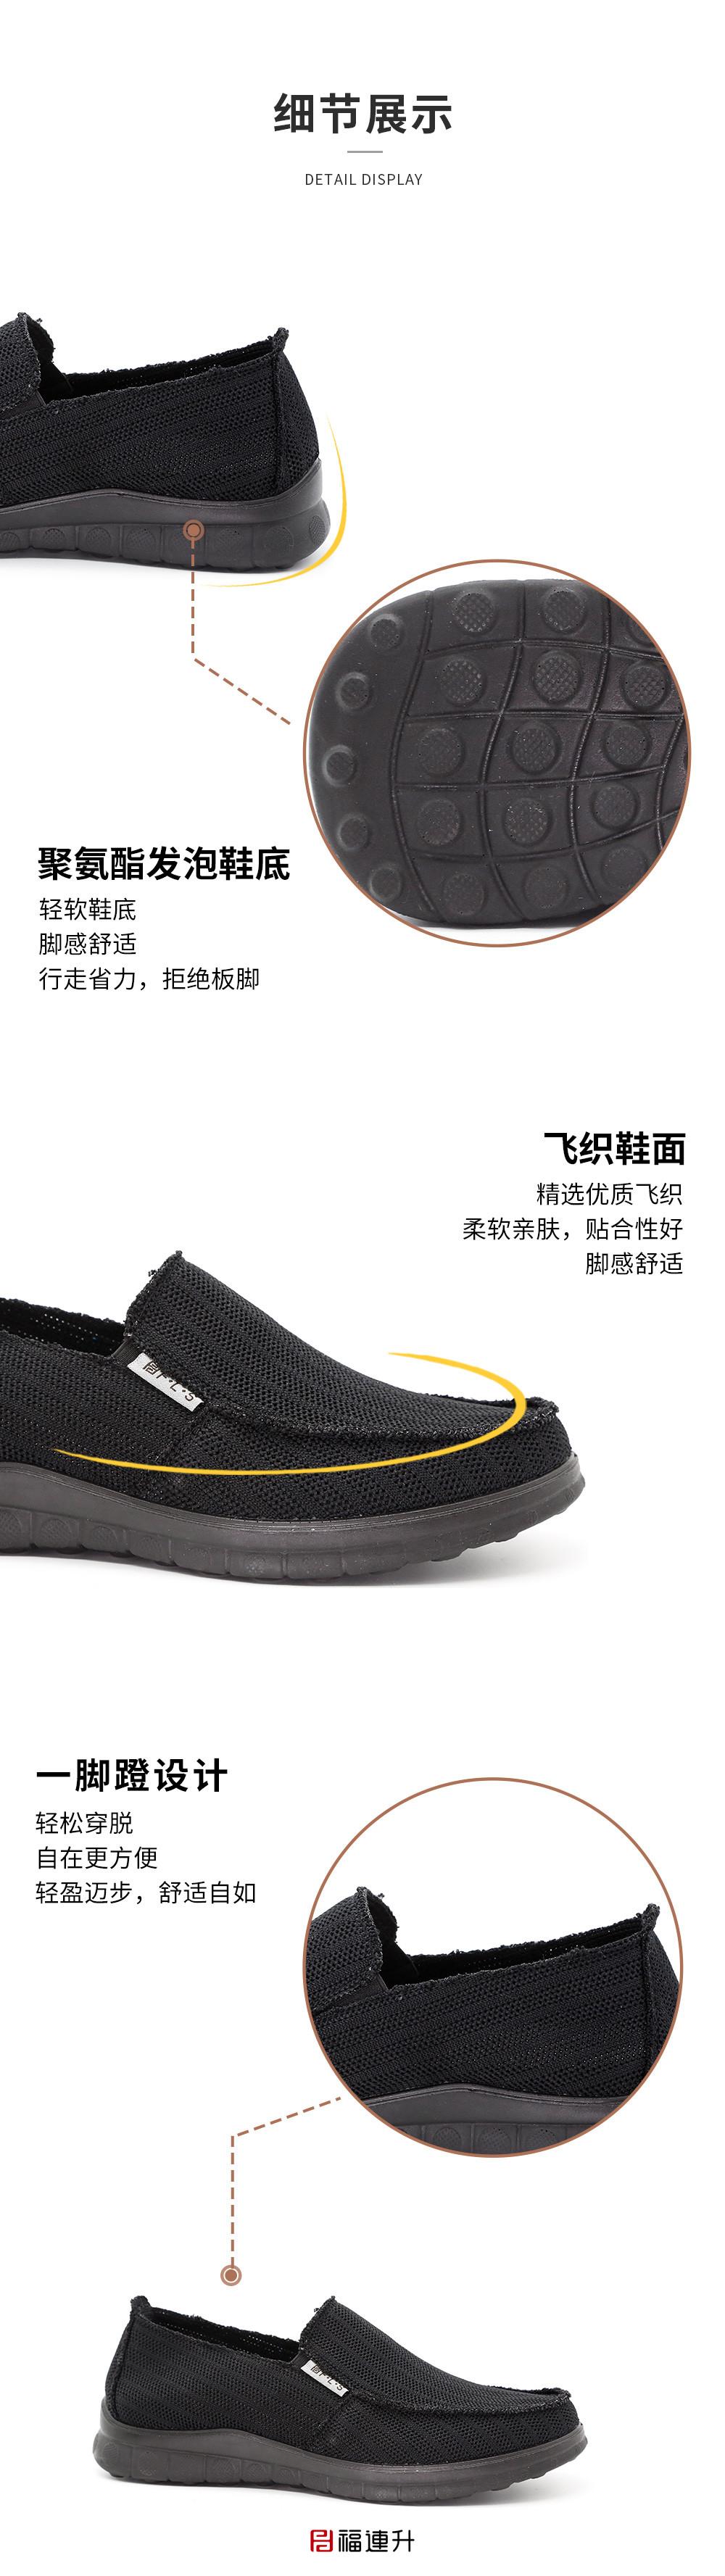 福连升老北京布鞋男休闲飞织透气棉麻一脚蹬懒人男鞋图片